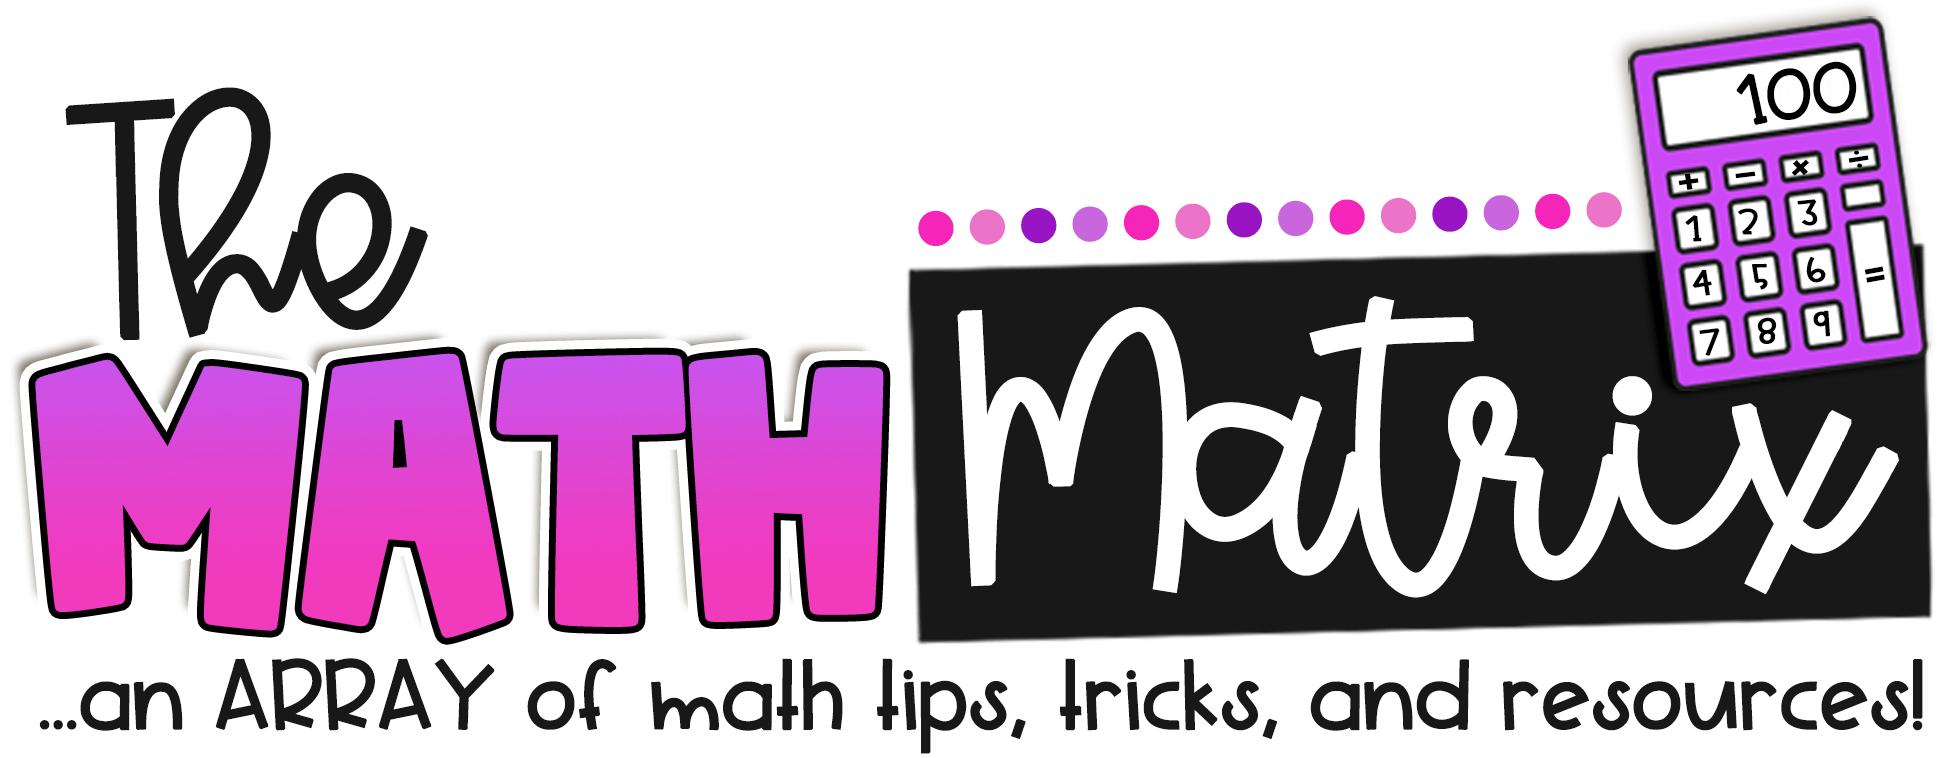 The Math Matrix